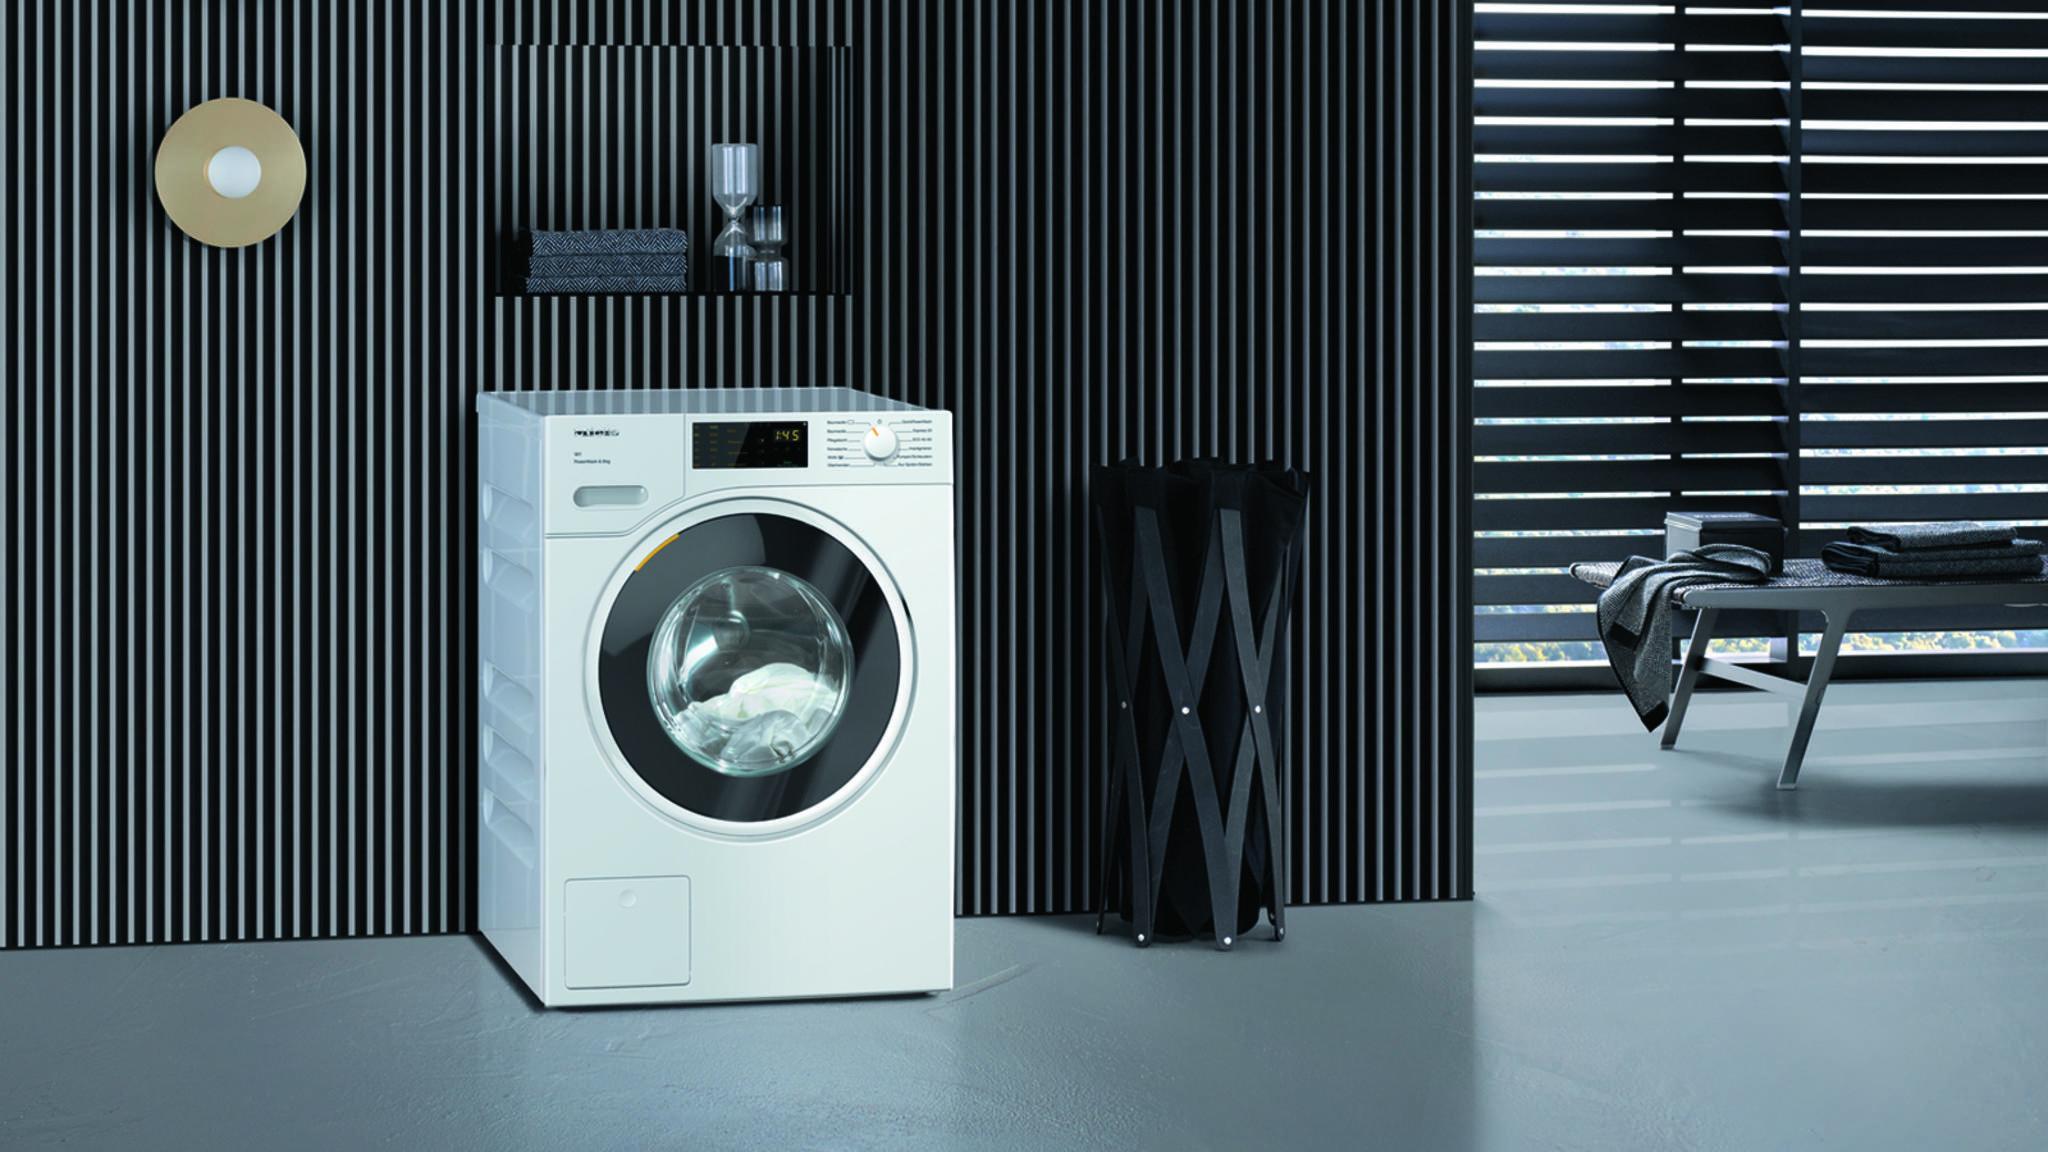 miele waschmaschine badezimmer